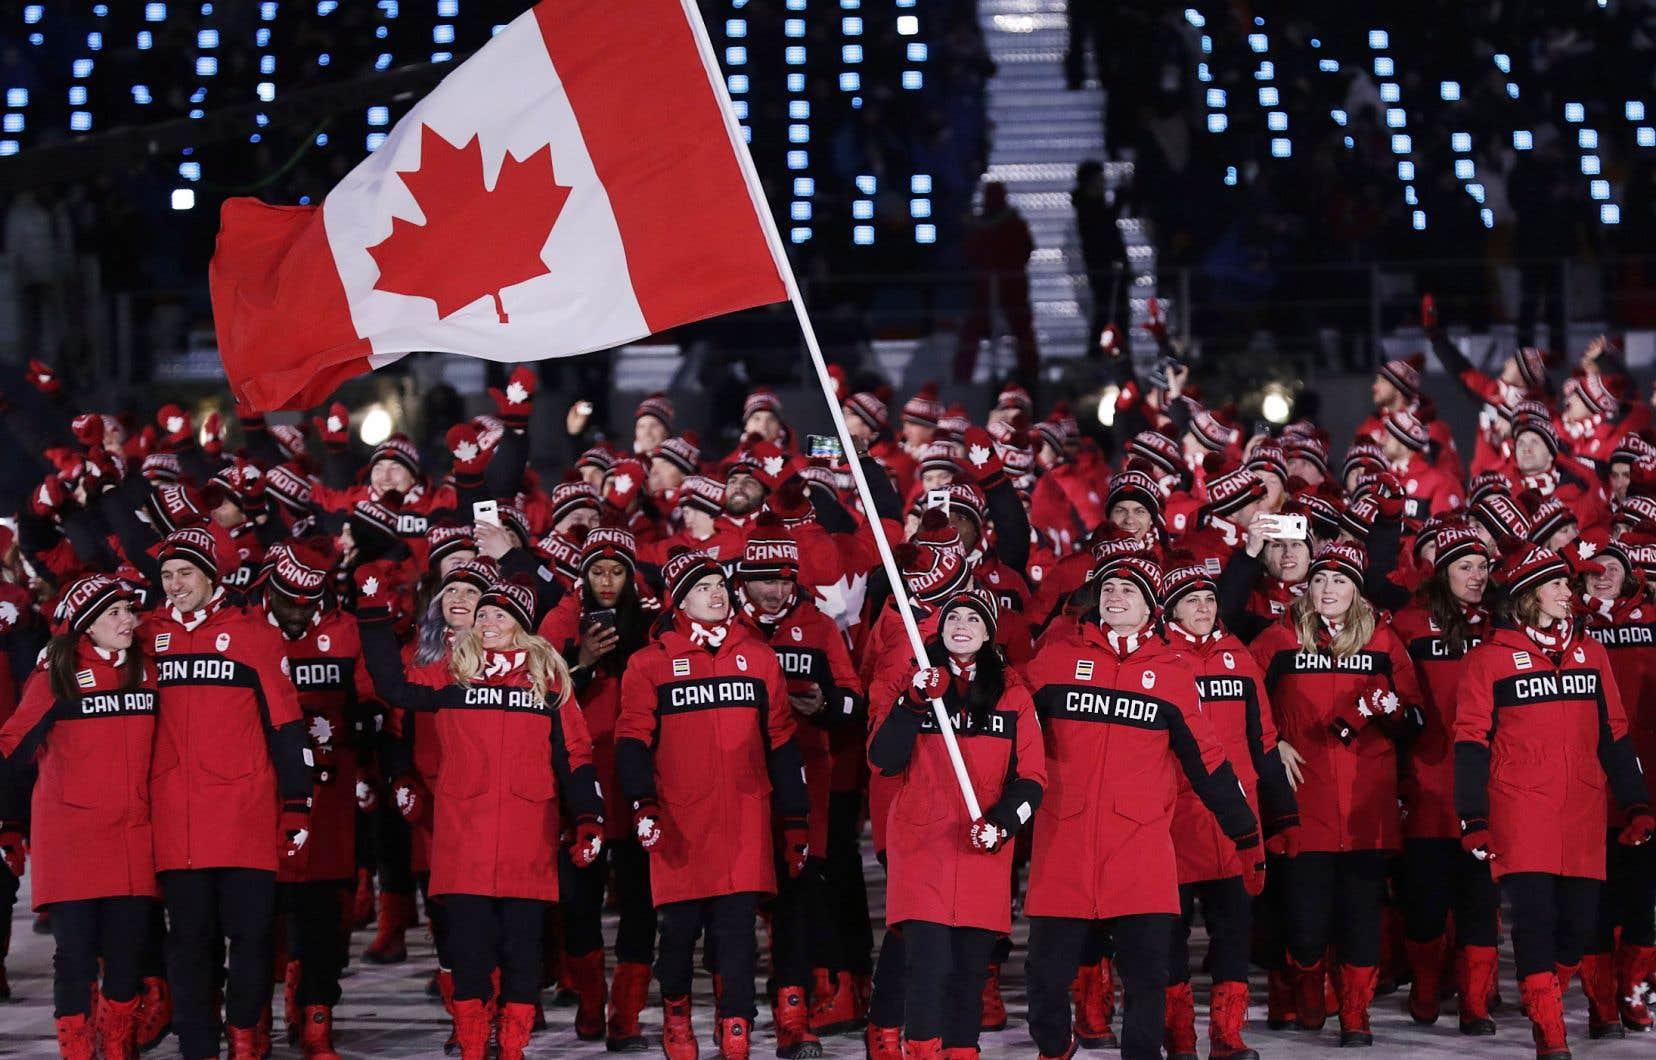 <p>Les athlètes canadiens ont salué la foule, pris des égoportraits et dansé au son de la musique.</p>